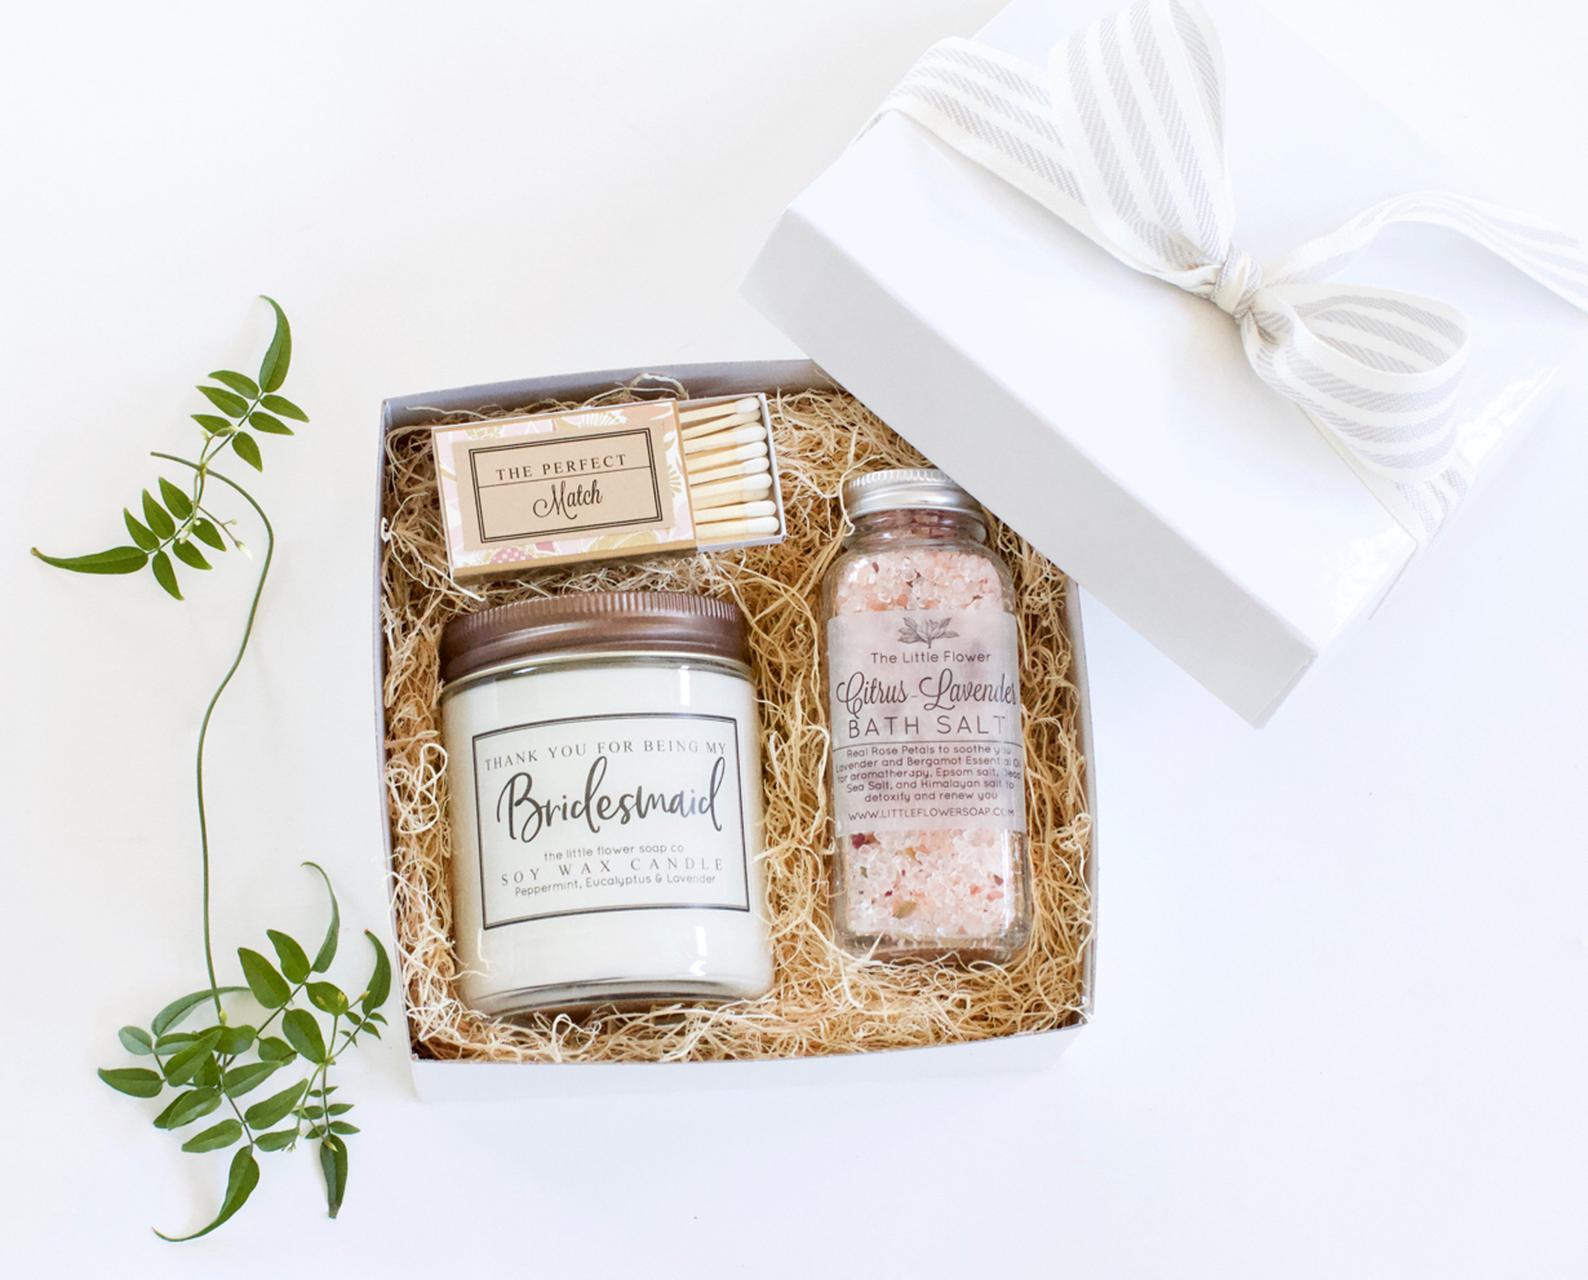 cadeaux pour demoiselles d'honneur LittleFlowerSoapCo mariage wedding planner témoin mère de la mariée